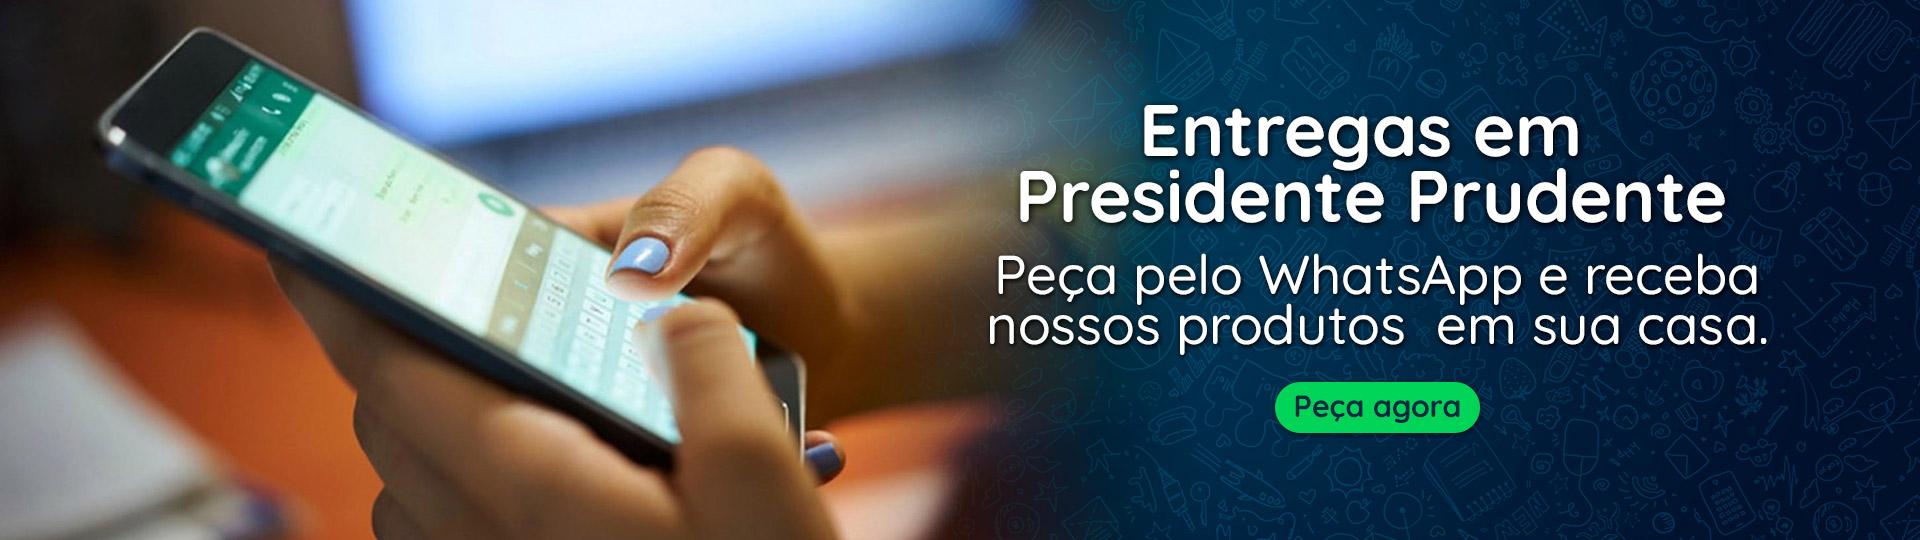 Entregas em Presidente Prudente